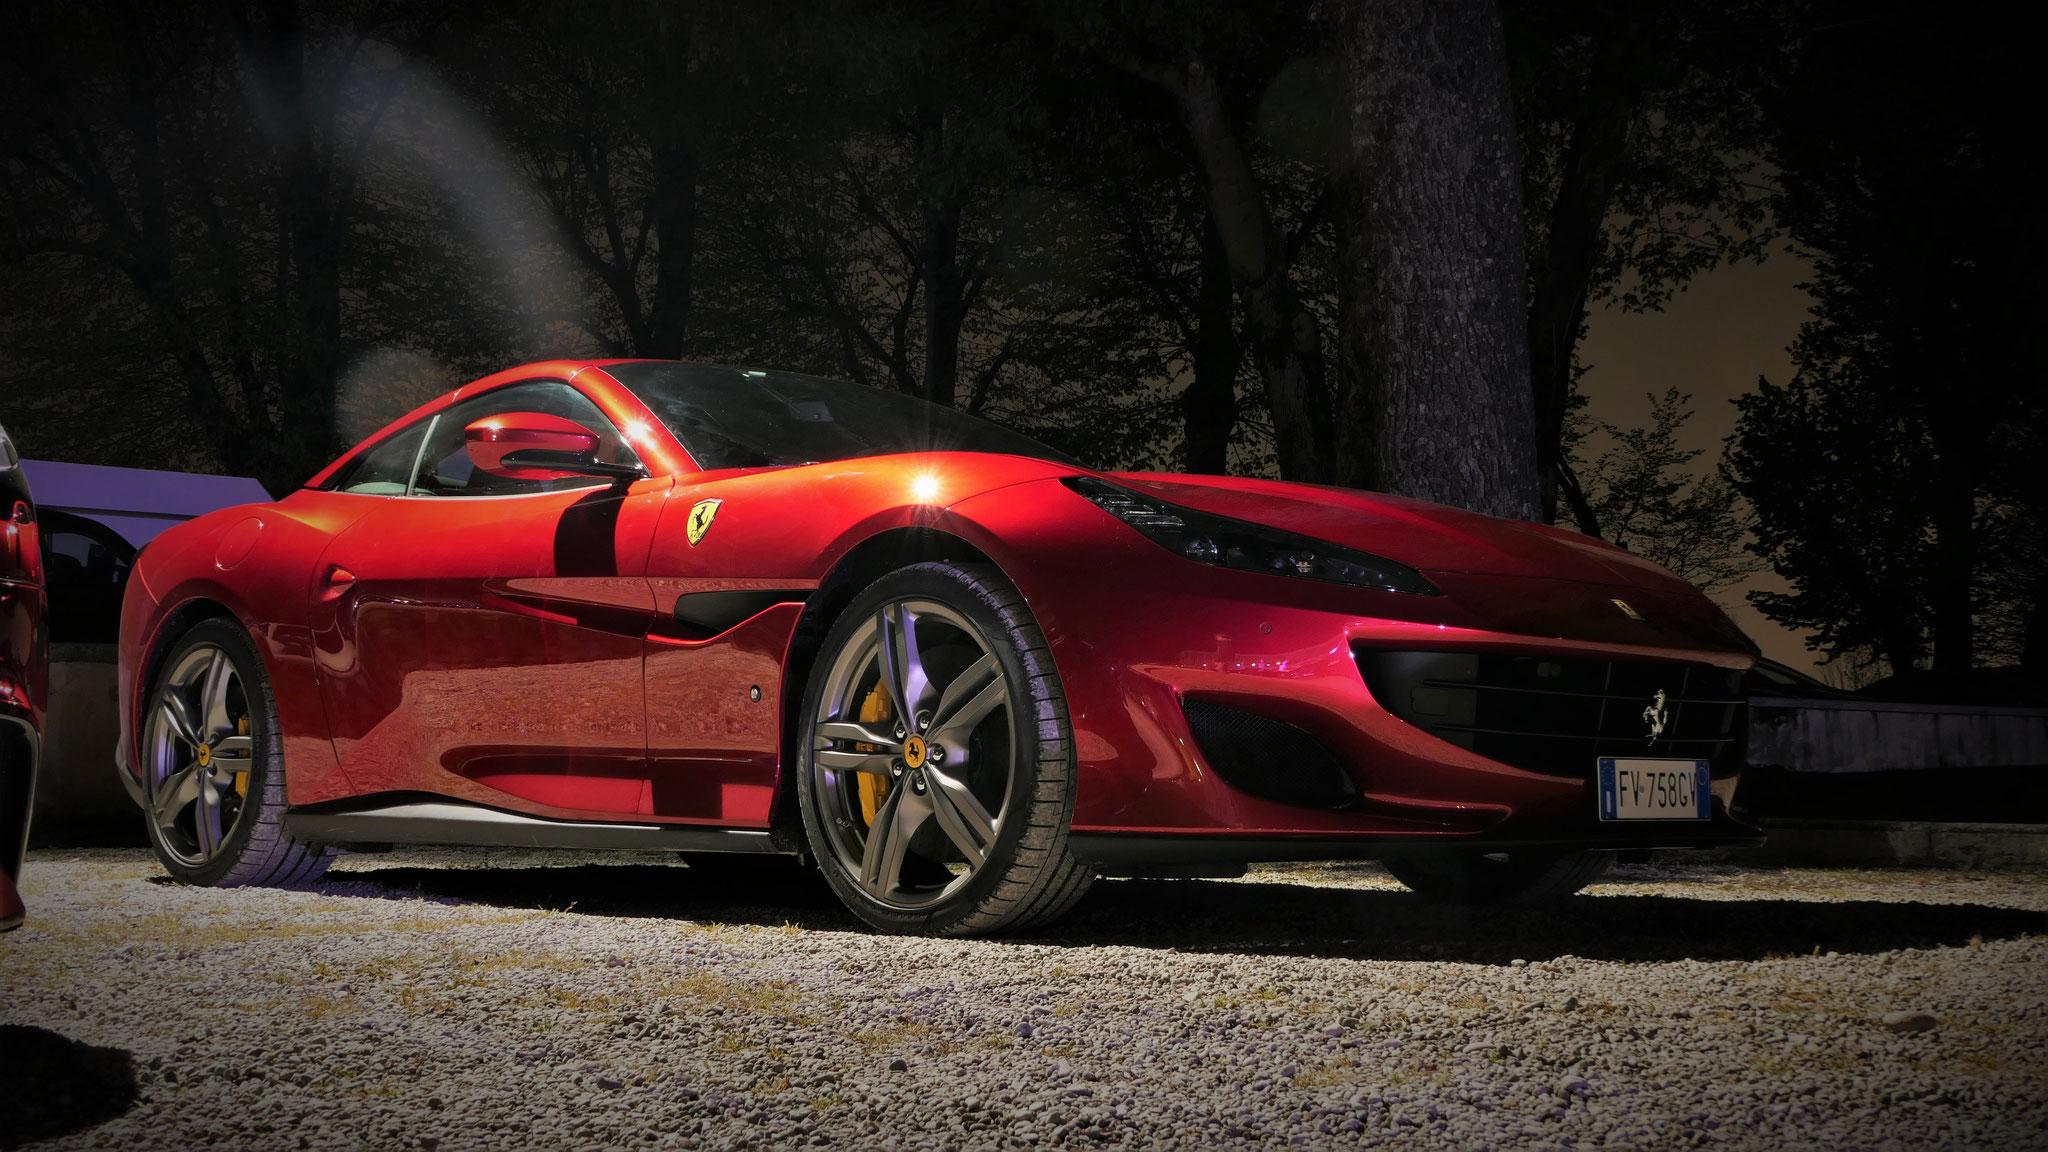 Ferrari Portofino - FV-758-GV (ITA)